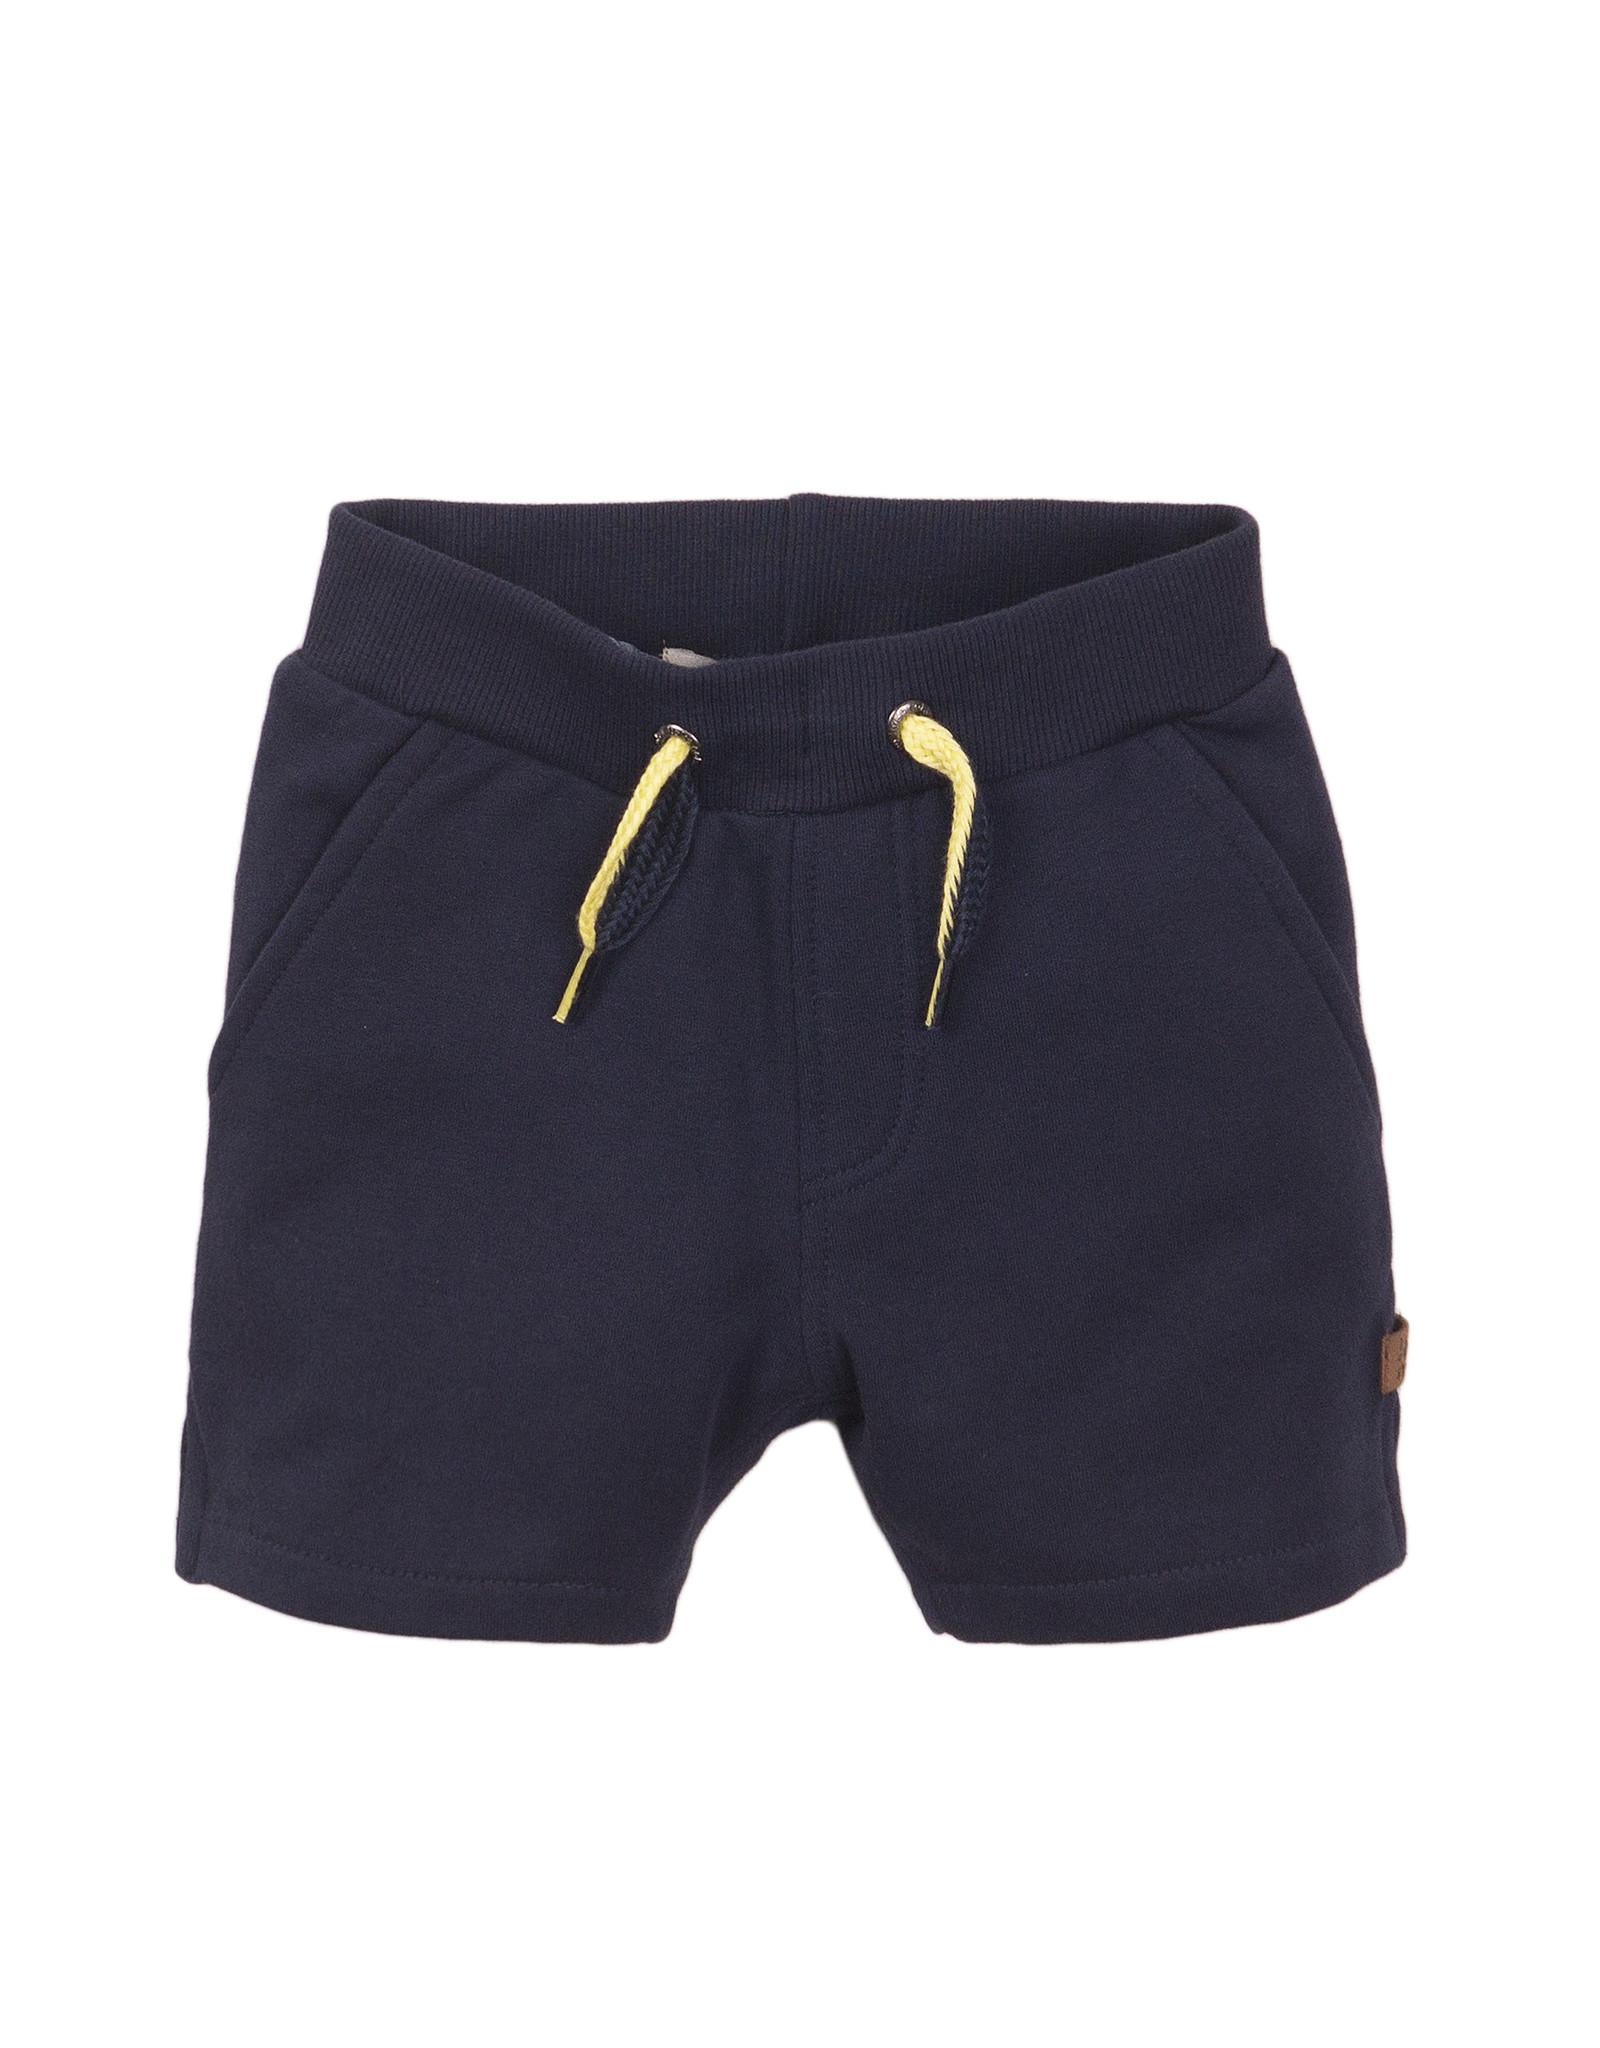 Koko Noko Koko Noko jongens korte broek basic Navy